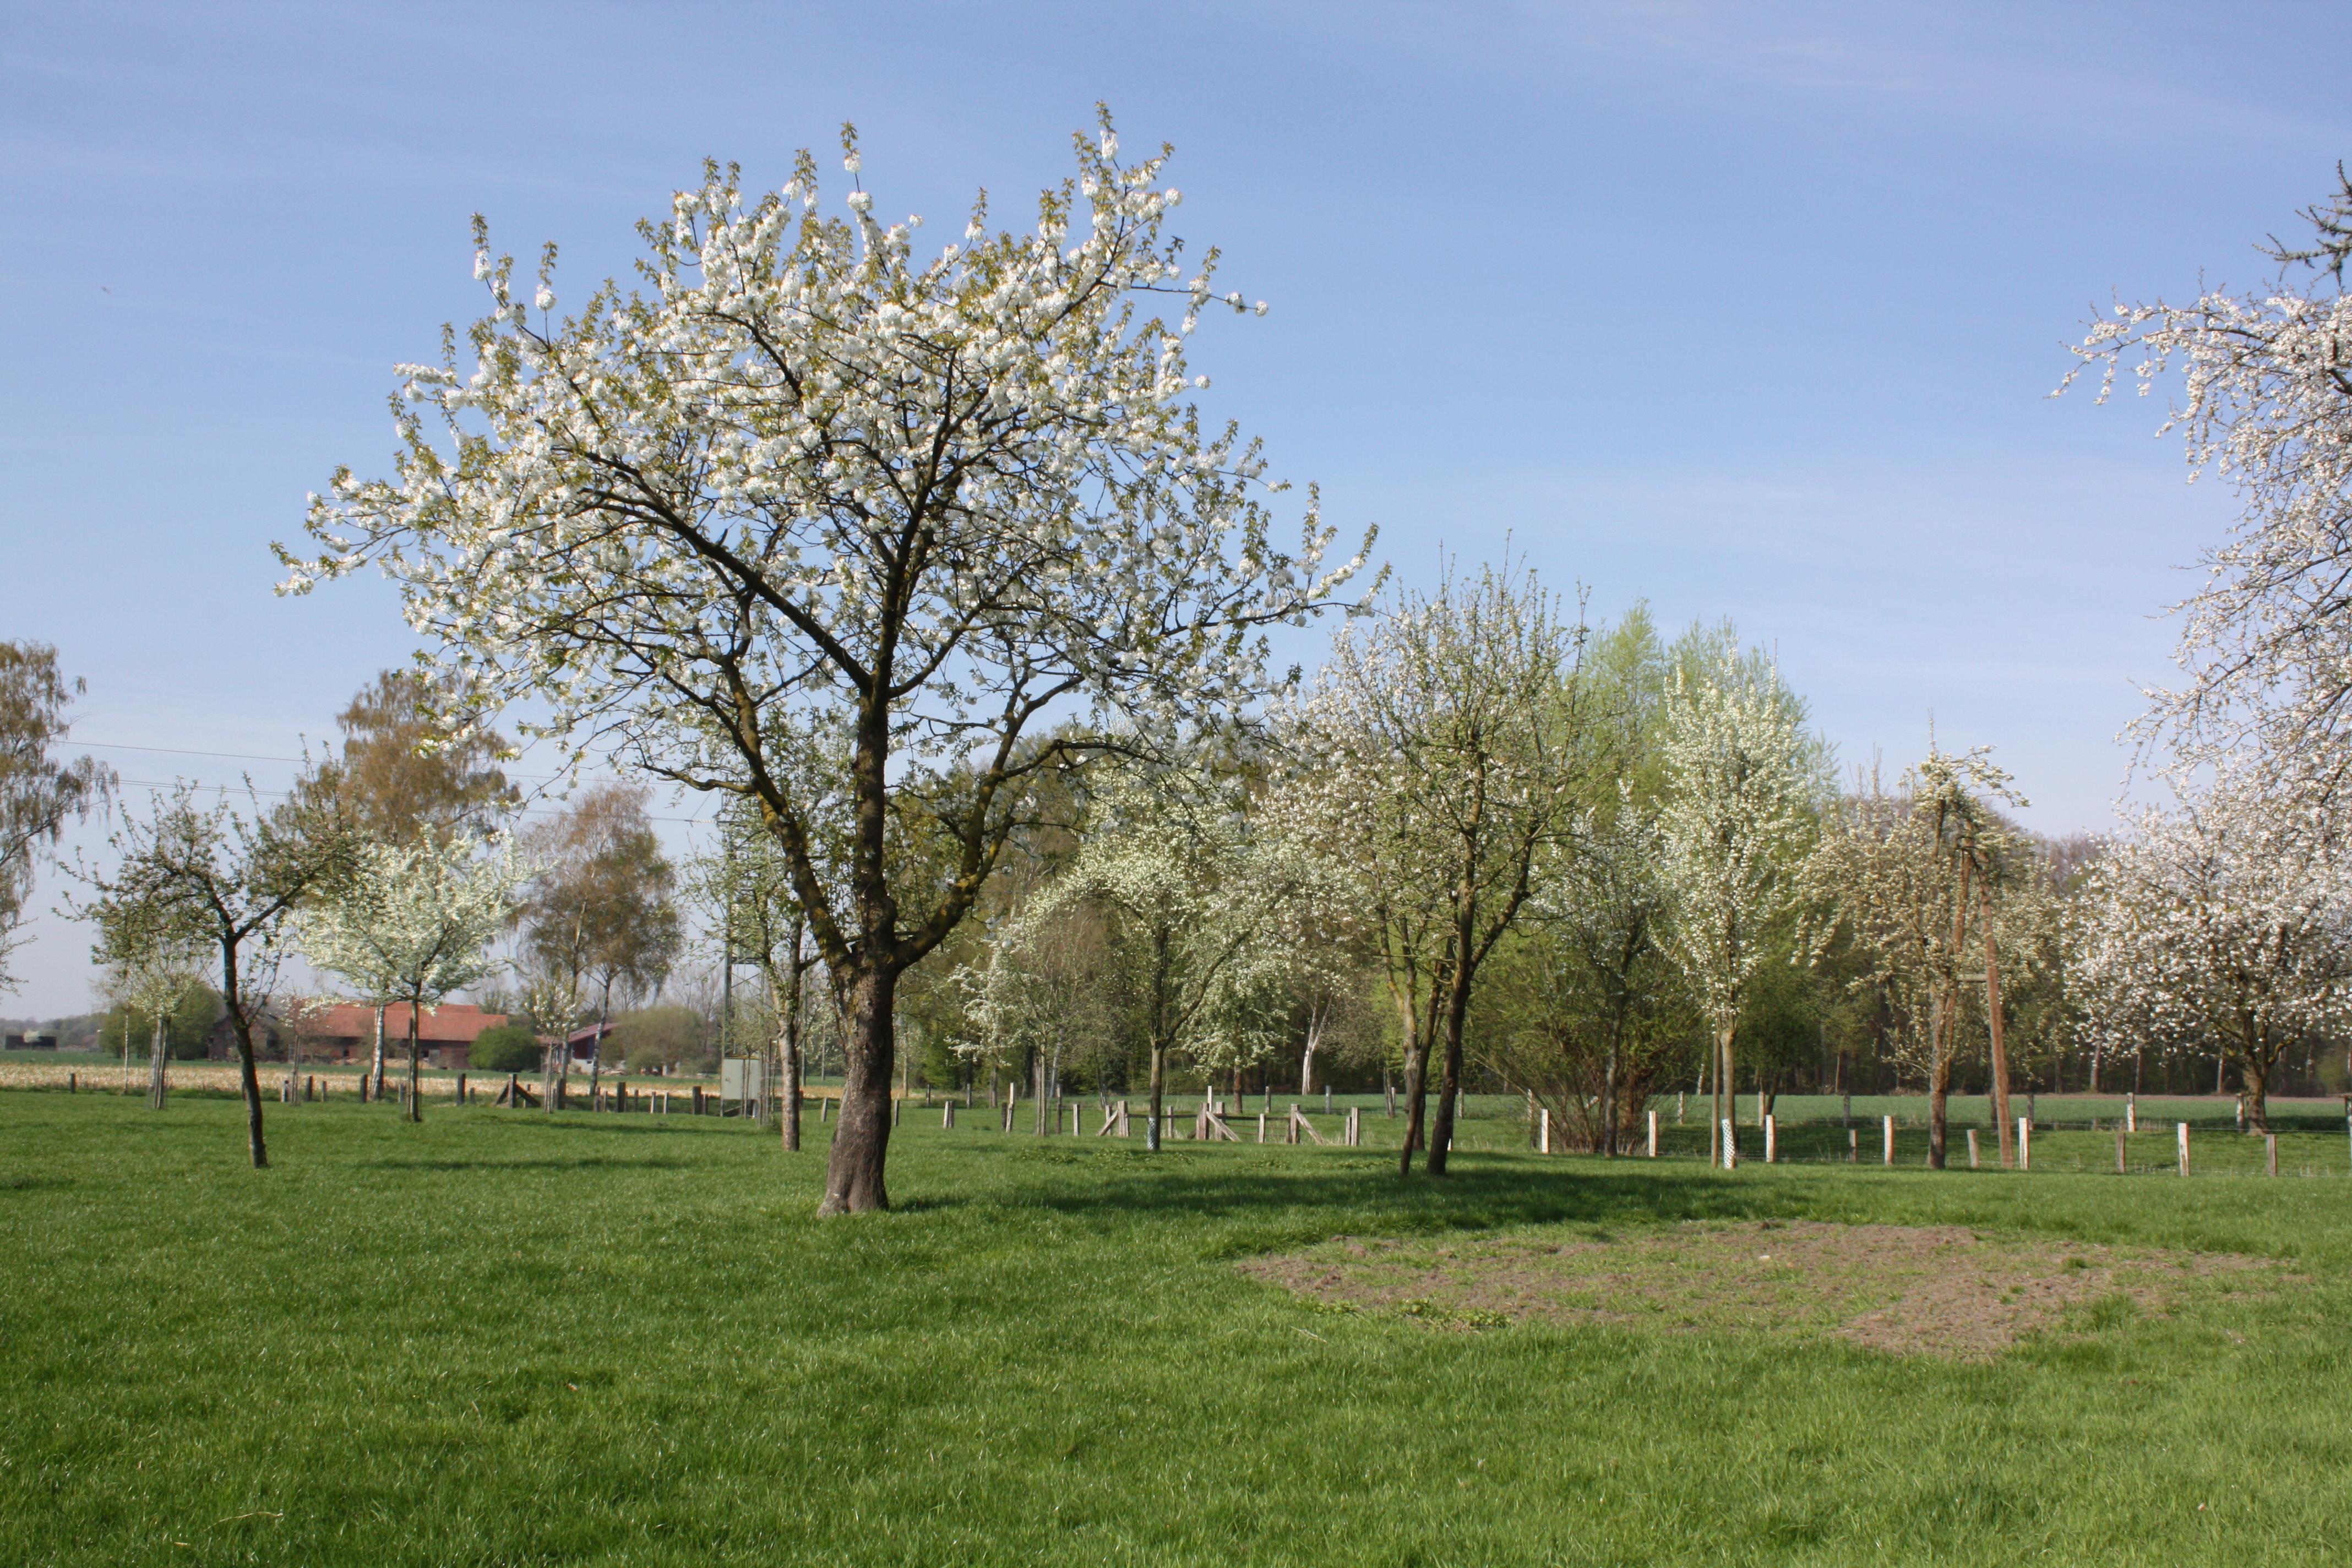 Streuobstwiese in Alverskirchen (Quelle: Kreis Warendorf)